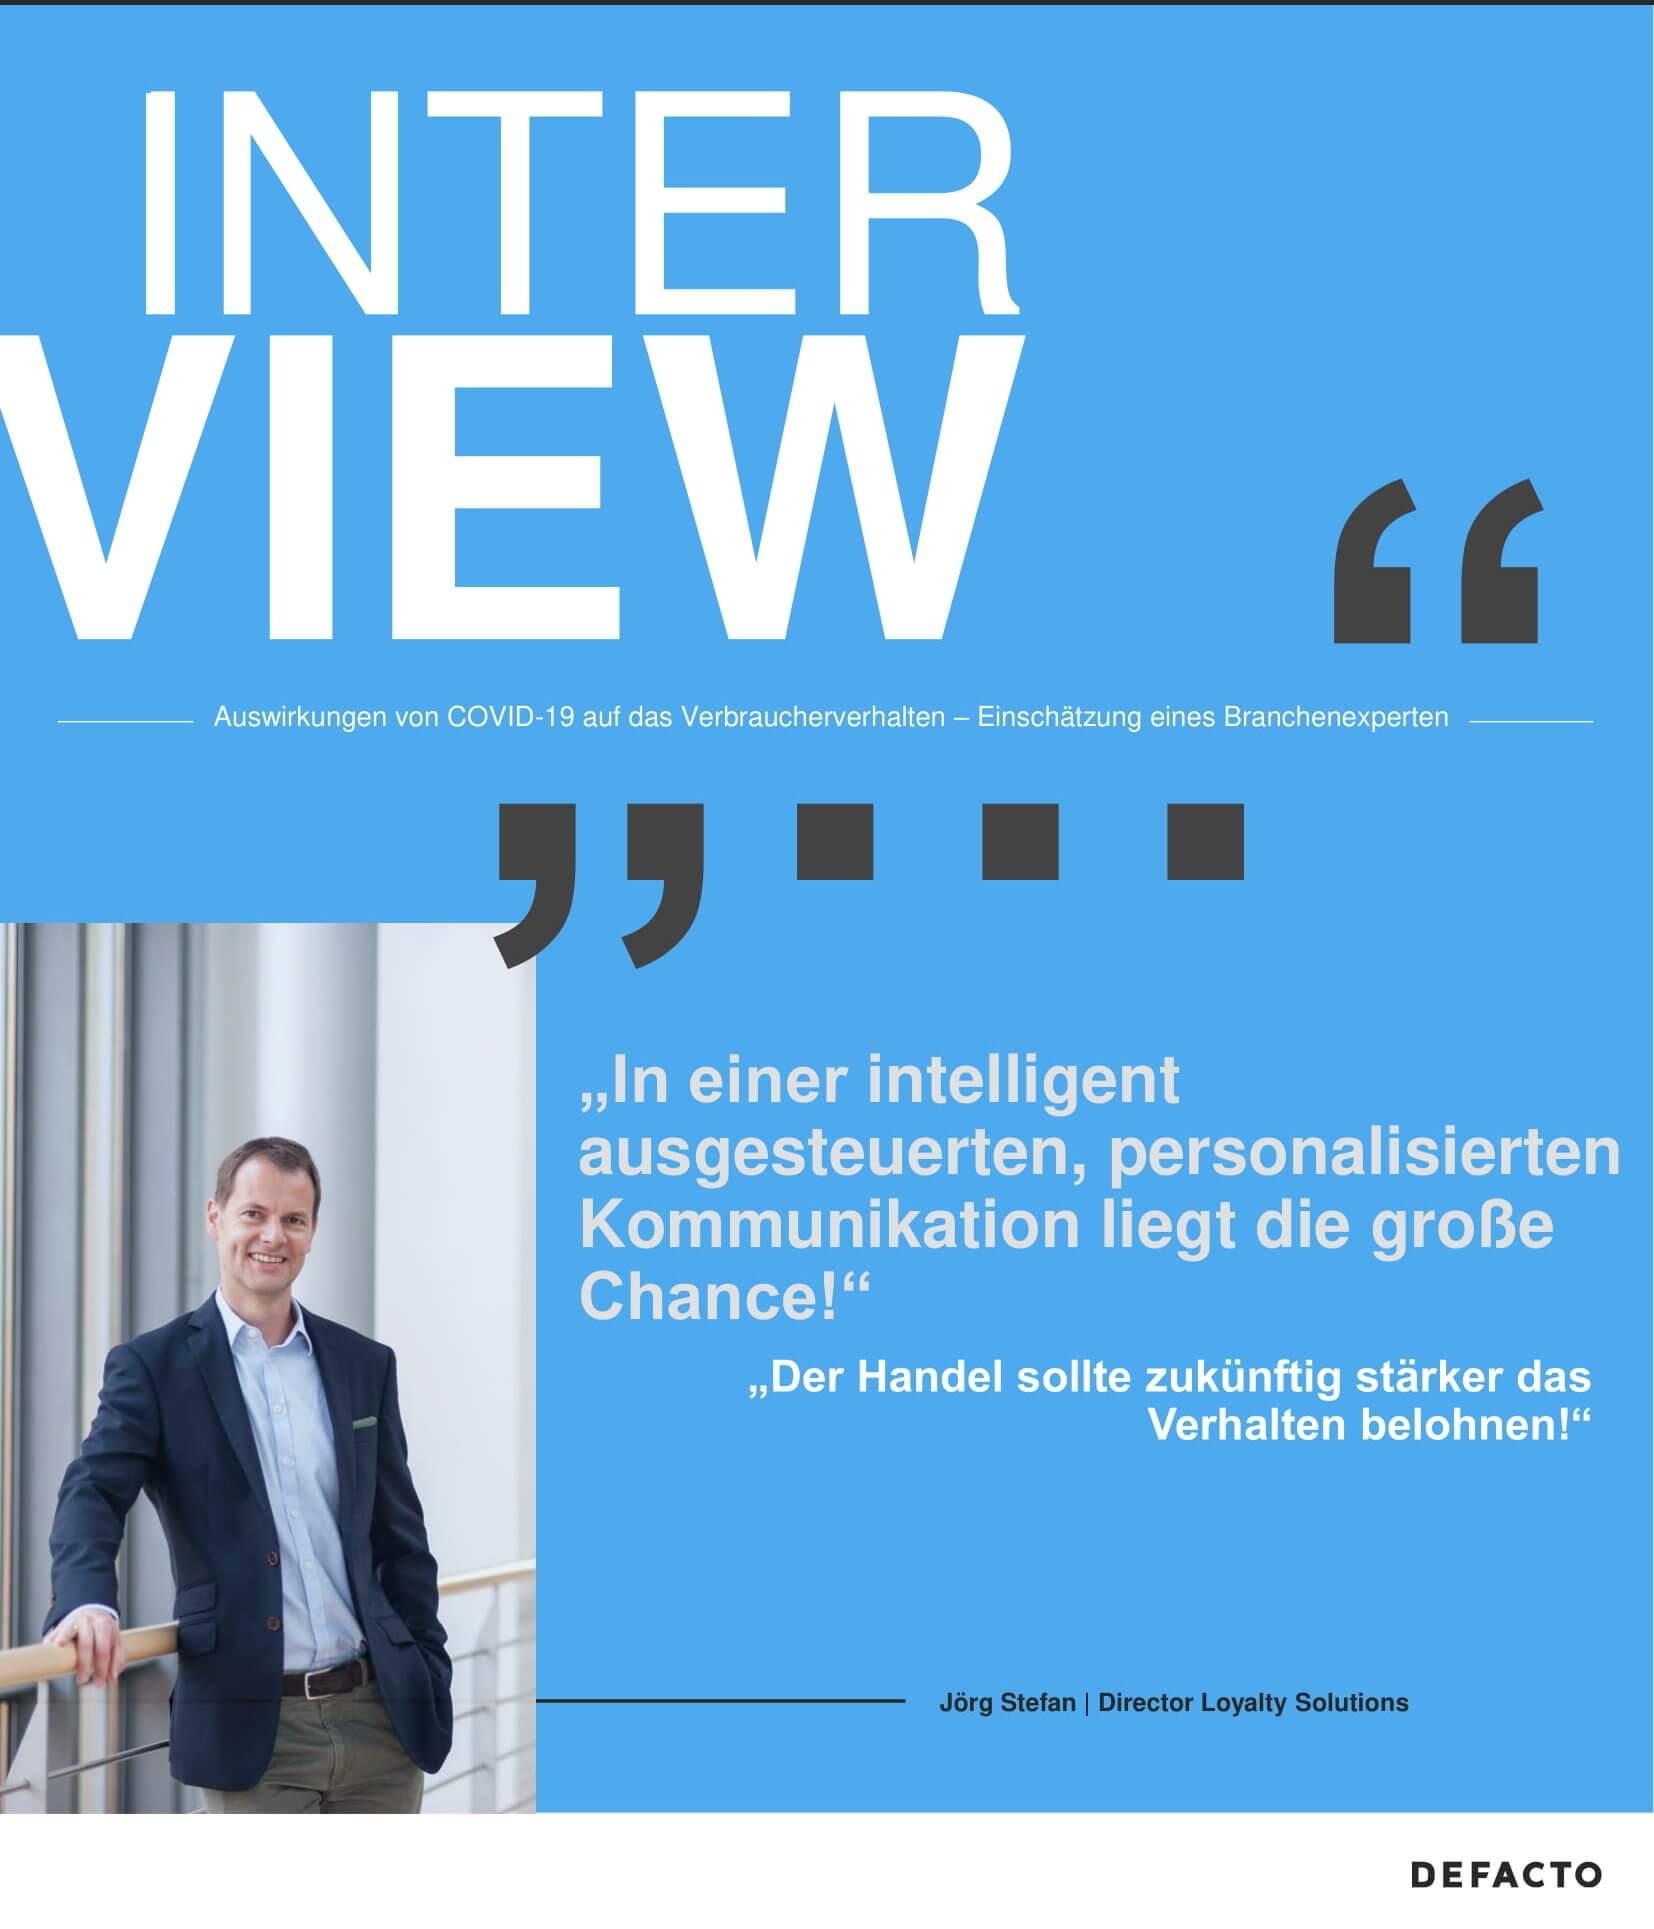 Interview zu Auswirkungen von COVID-19 auf Verbrauchverhalten mit Jörg Stefan